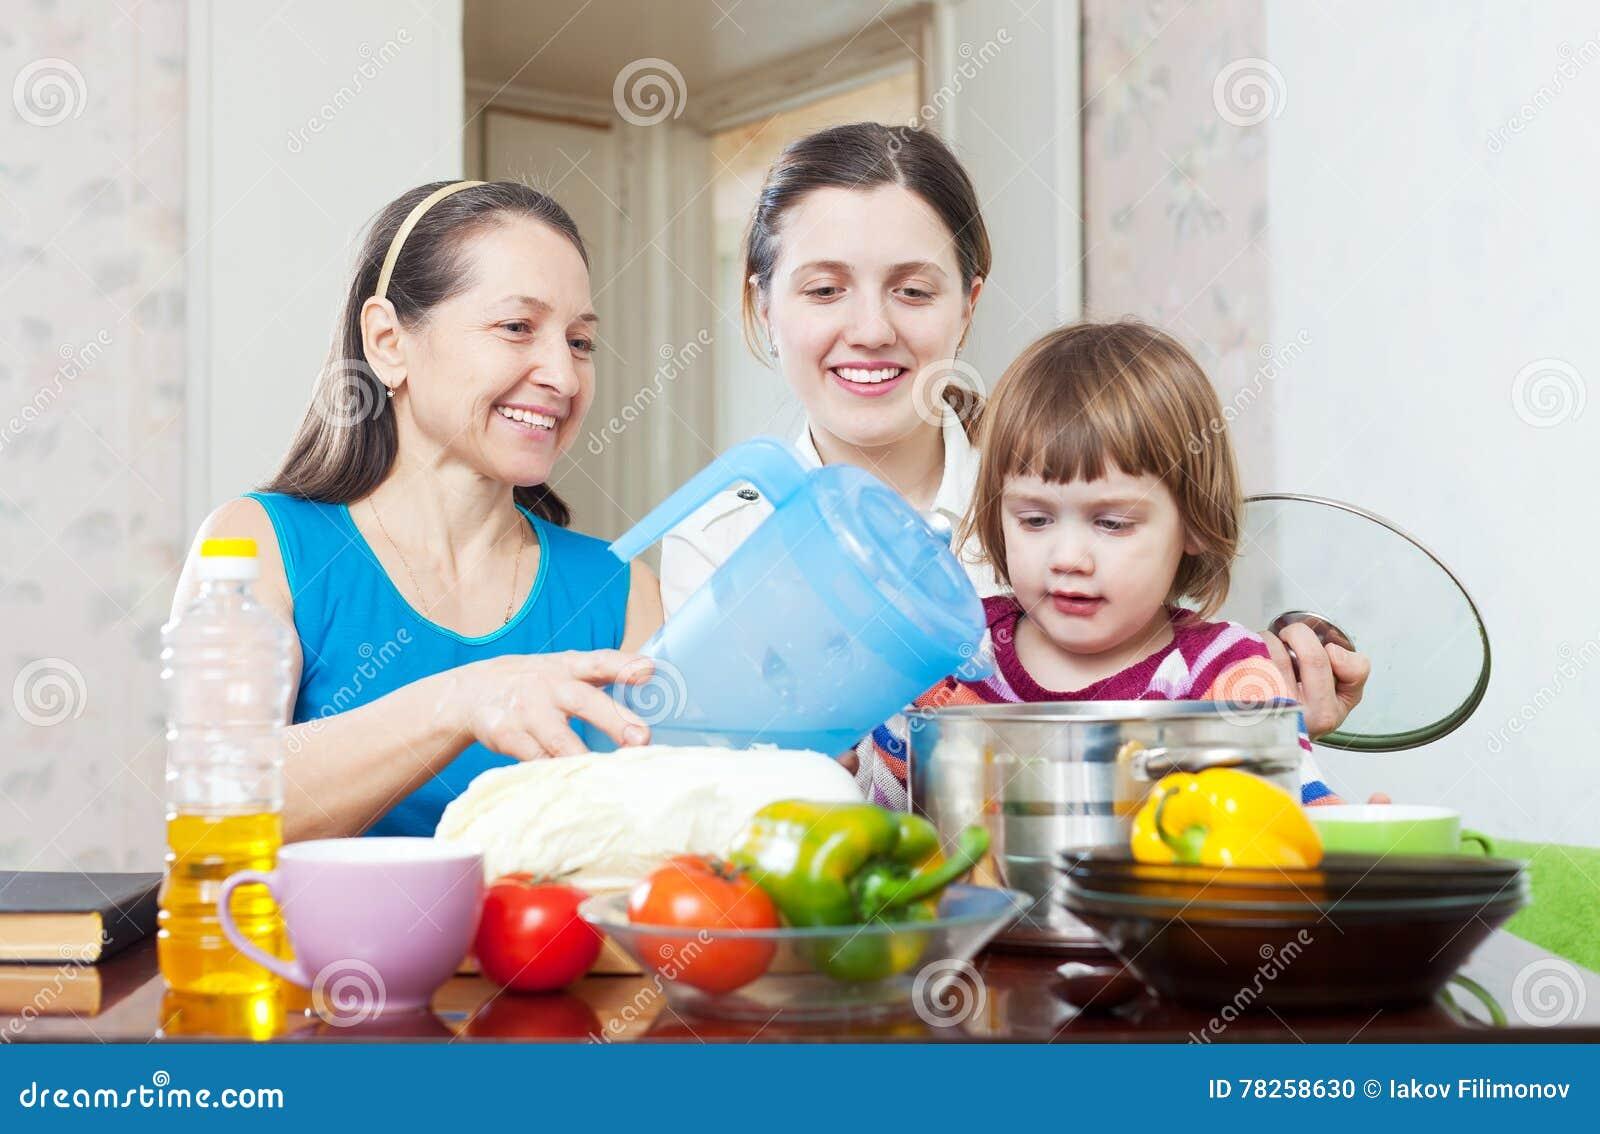 Γυναίκες με το παιδί που μαγειρεύει μαζί το χορτοφάγο μεσημεριανό γεύμα